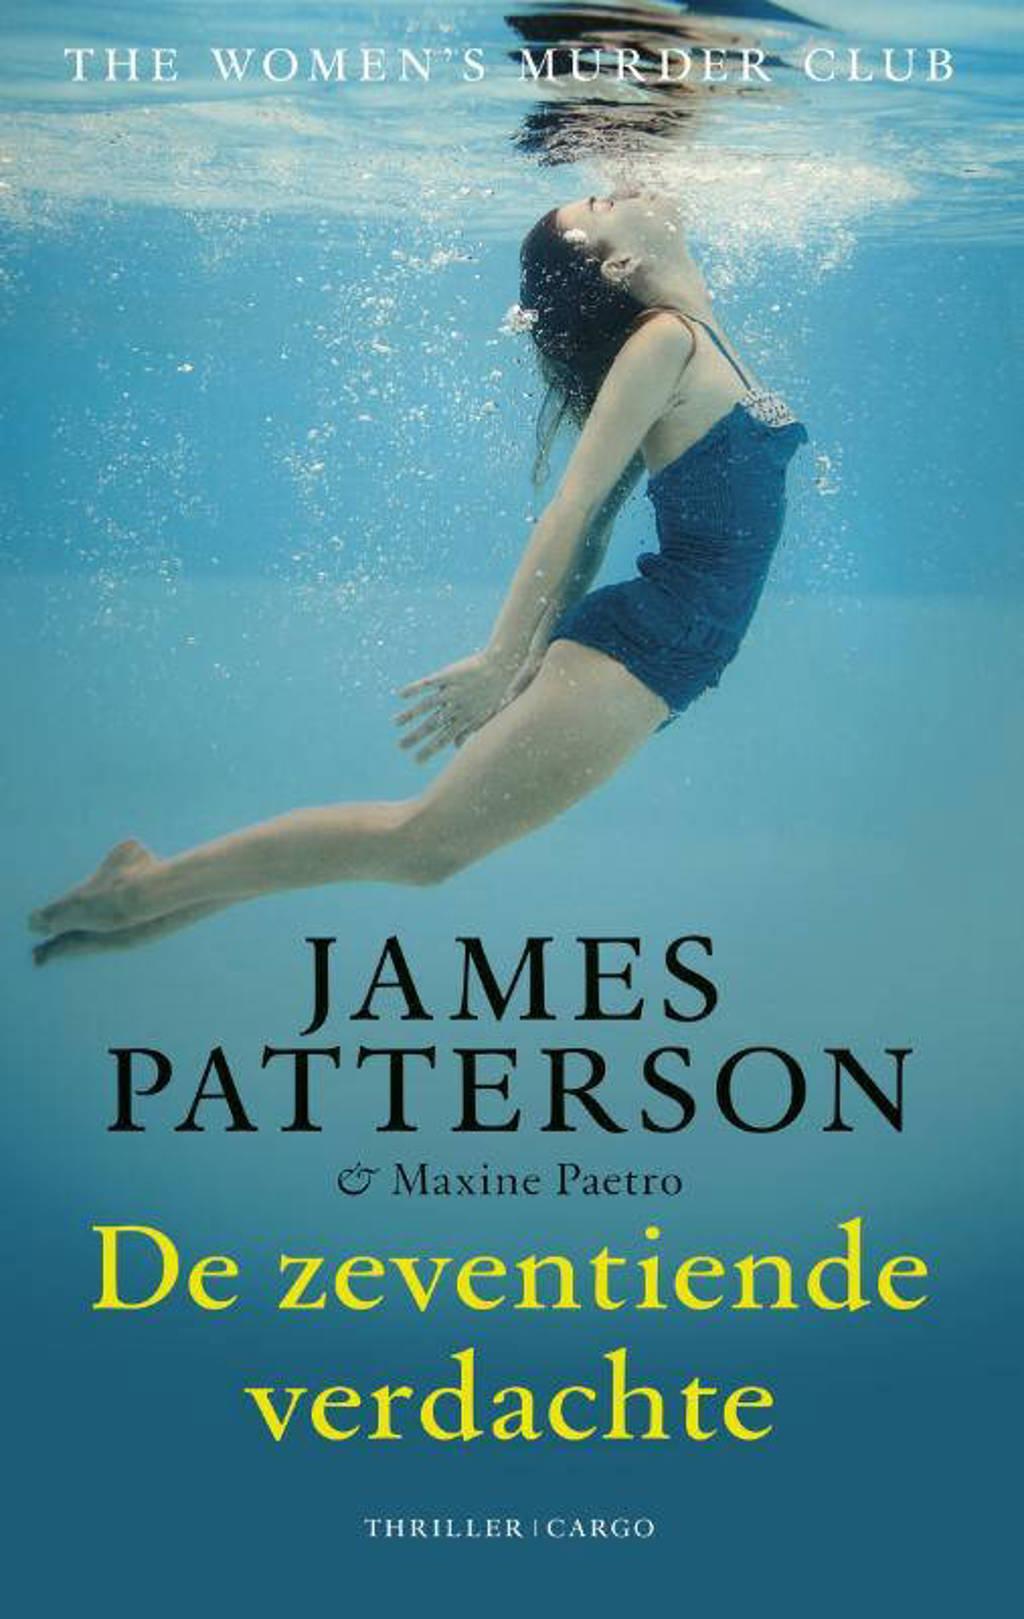 De zeventiende verdachte - James Patterson